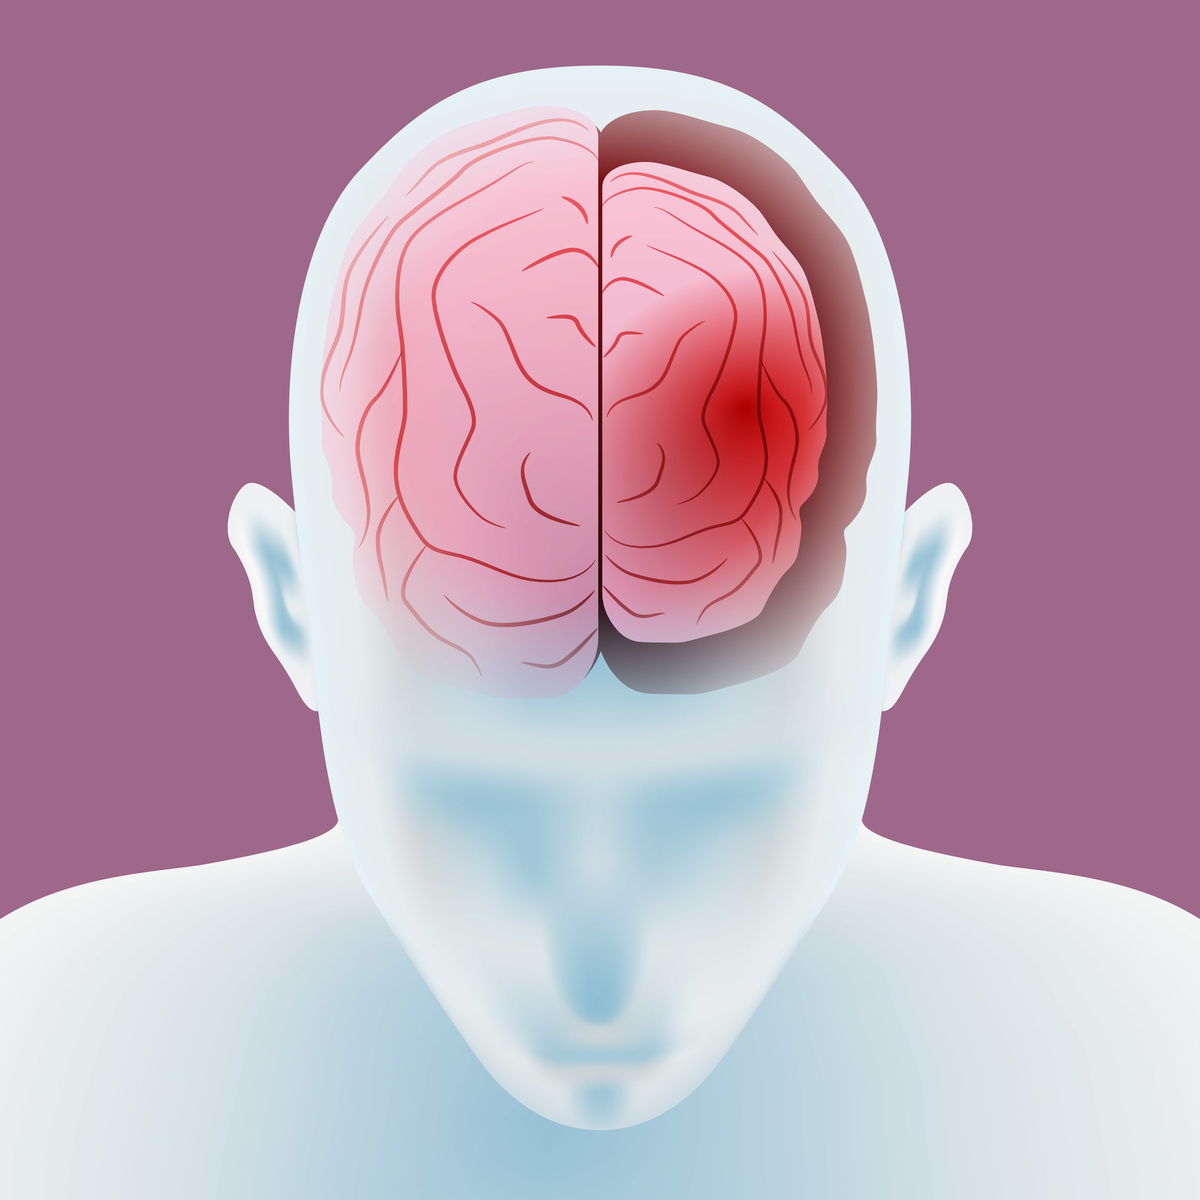 アルコールと認知症の関係性